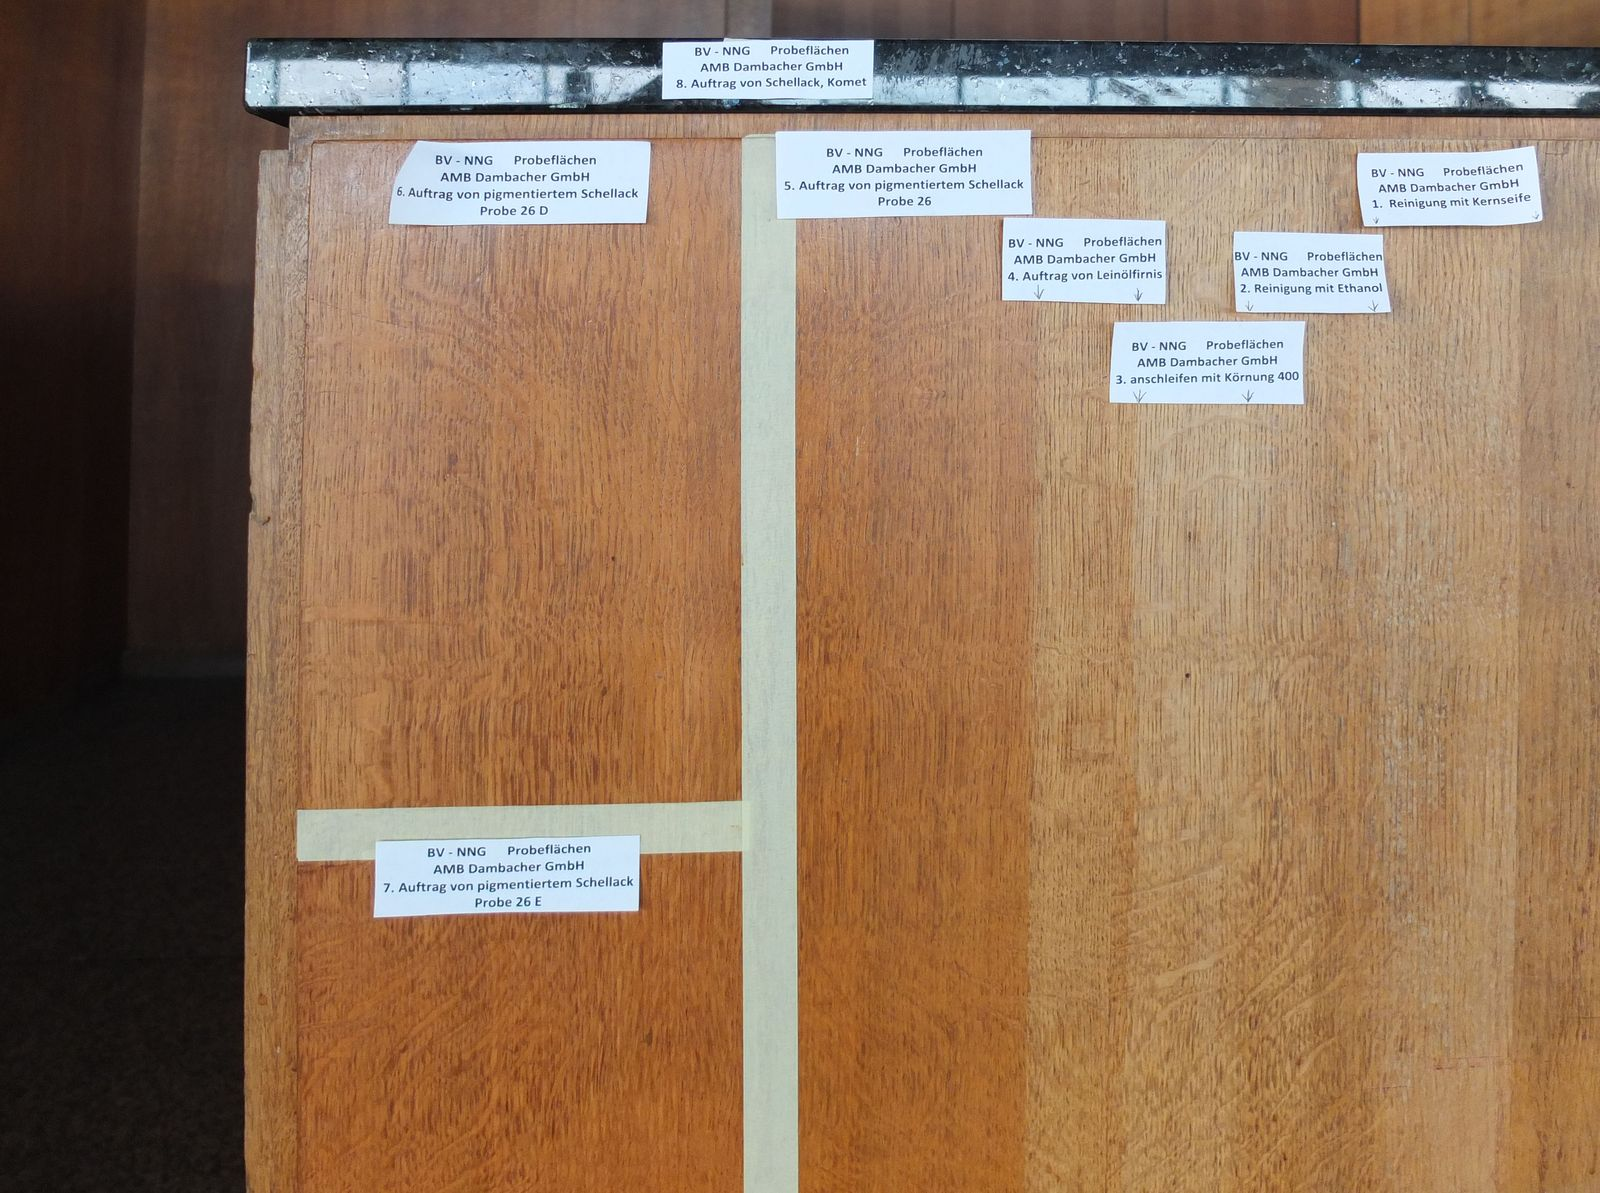 Erste Bemusterung der Holzbehandlung am Tresen der Neuen Nationalgalerie. Foto: schmedding.vonmarlin.